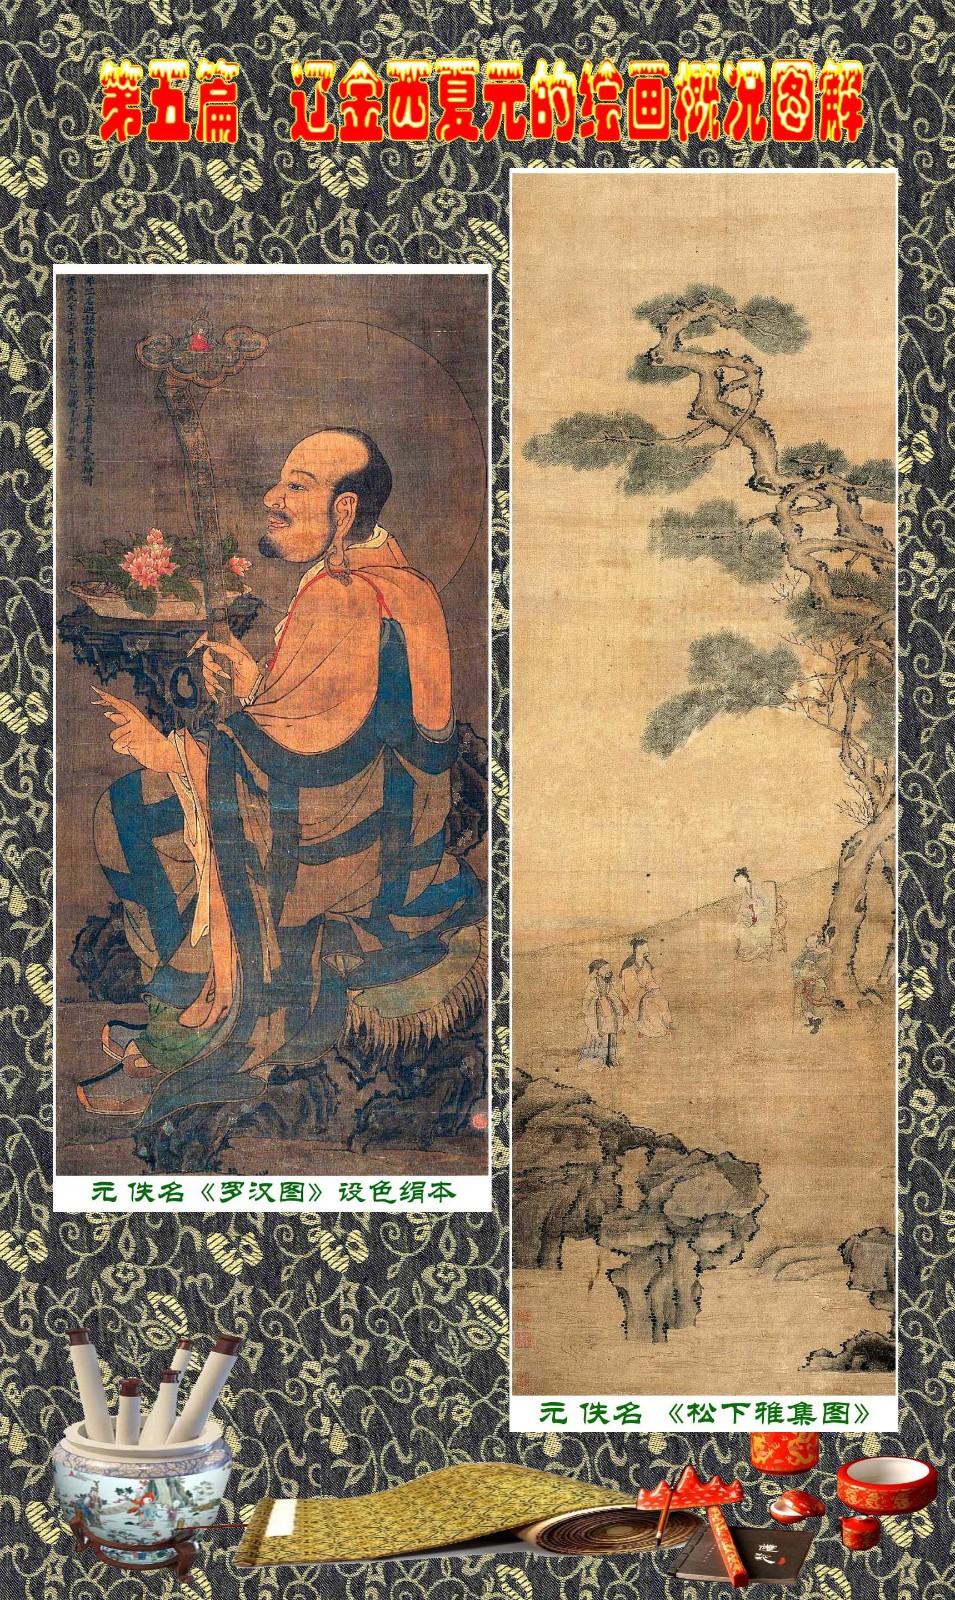 顾绍骅编辑 中国画知识普及版 第五篇 辽金西夏元的绘画概况 下 ... ..._图1-114